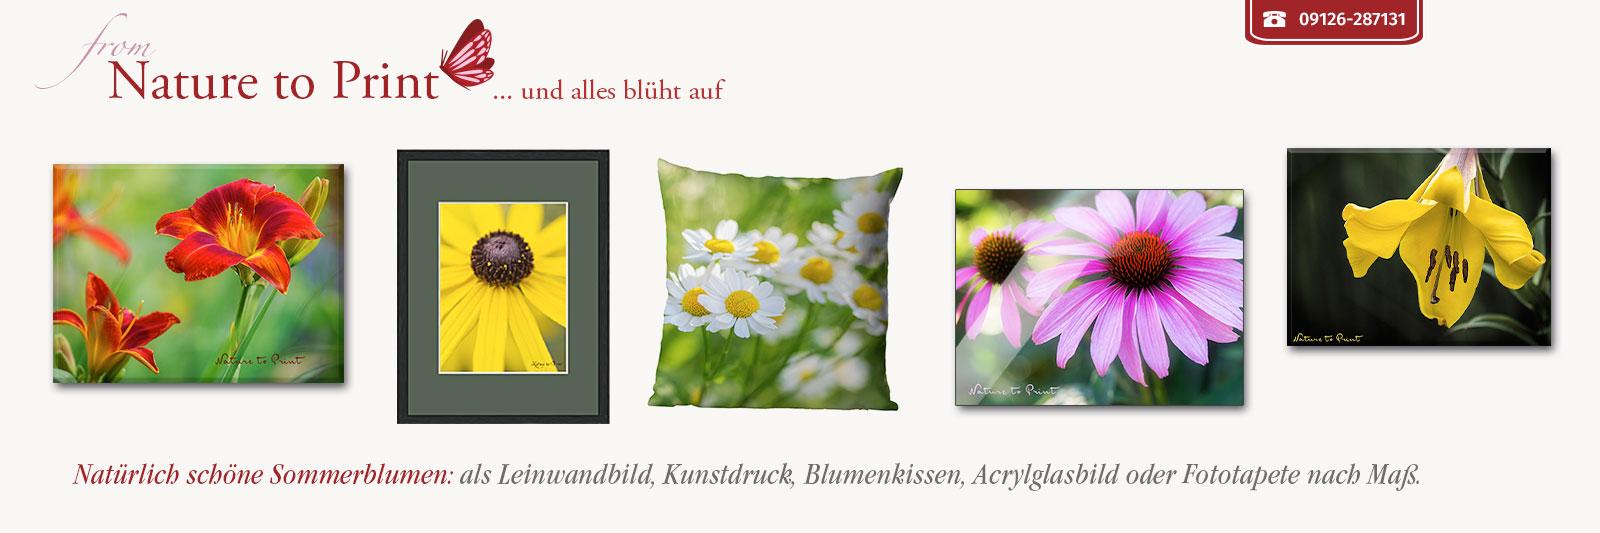 Blumenbilder, Gerahmte Kunstdrucke und Leinwandbilder mit Sommerblumen